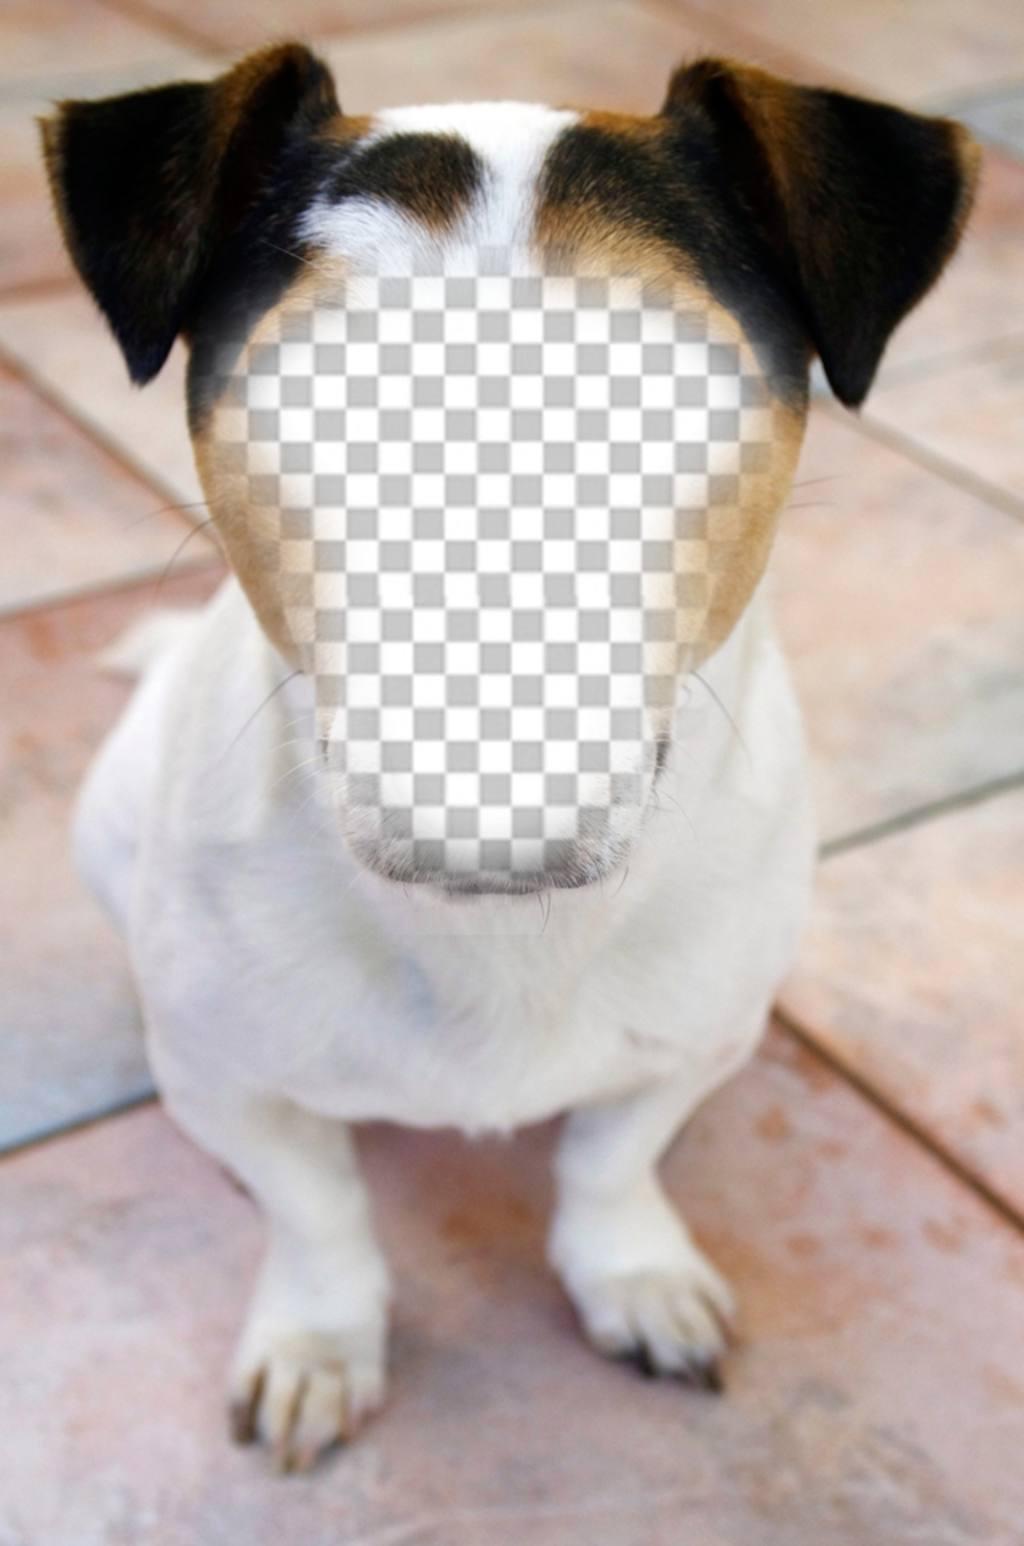 Fotomontage eines Hundes, wo Sie Ihr Gesicht und kostenlos